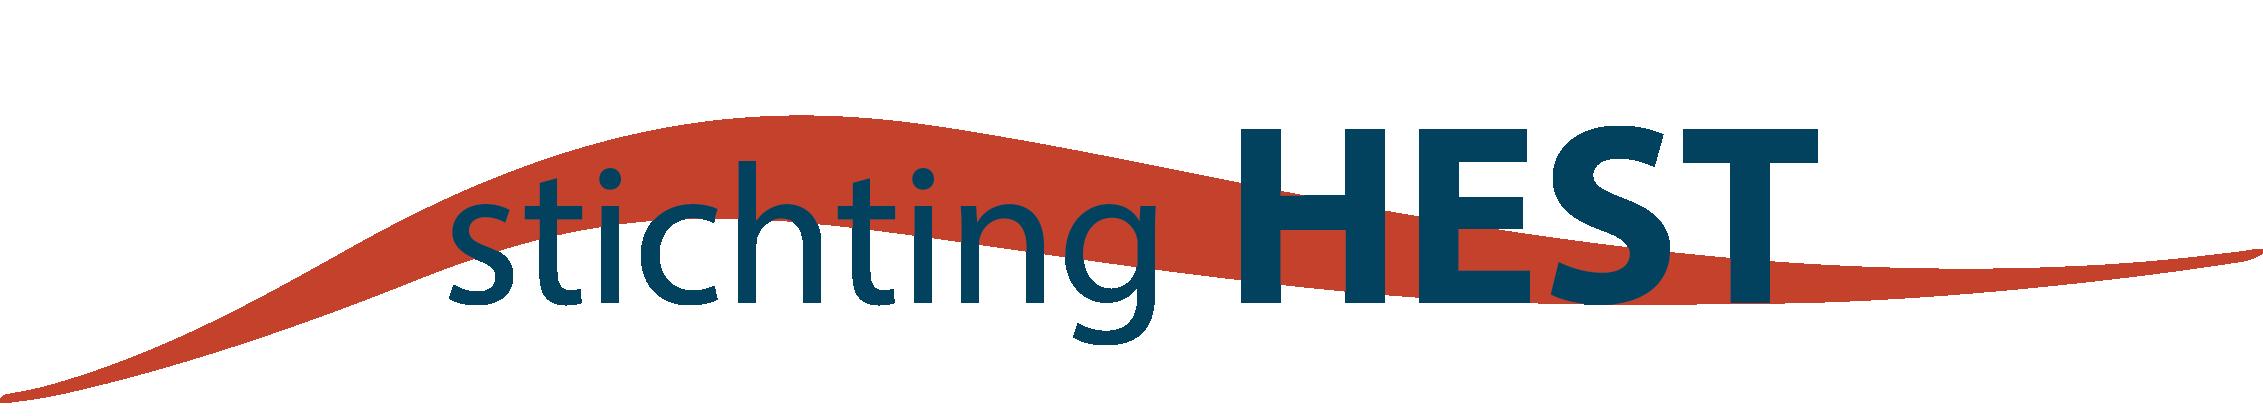 Stichting HEST